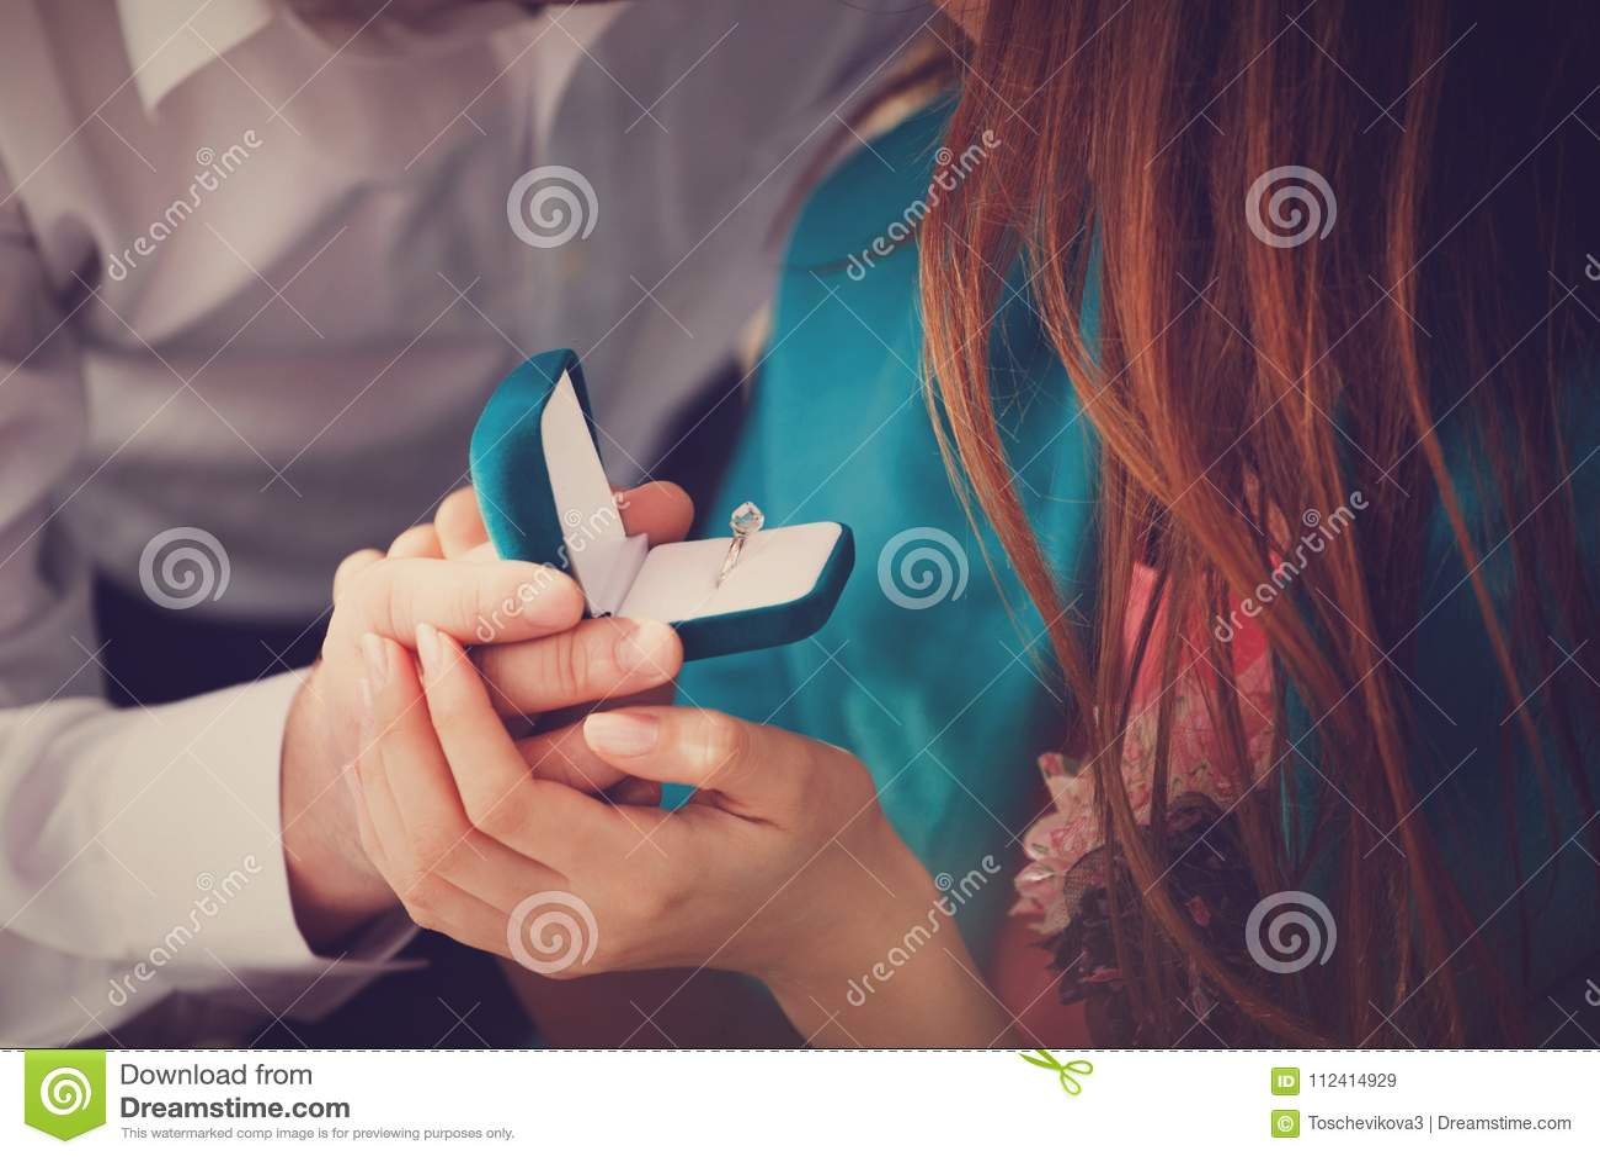 Молодой человек делает предложение руки и сердца к его подруге и удивляет ее с красивым обручальным кольцом